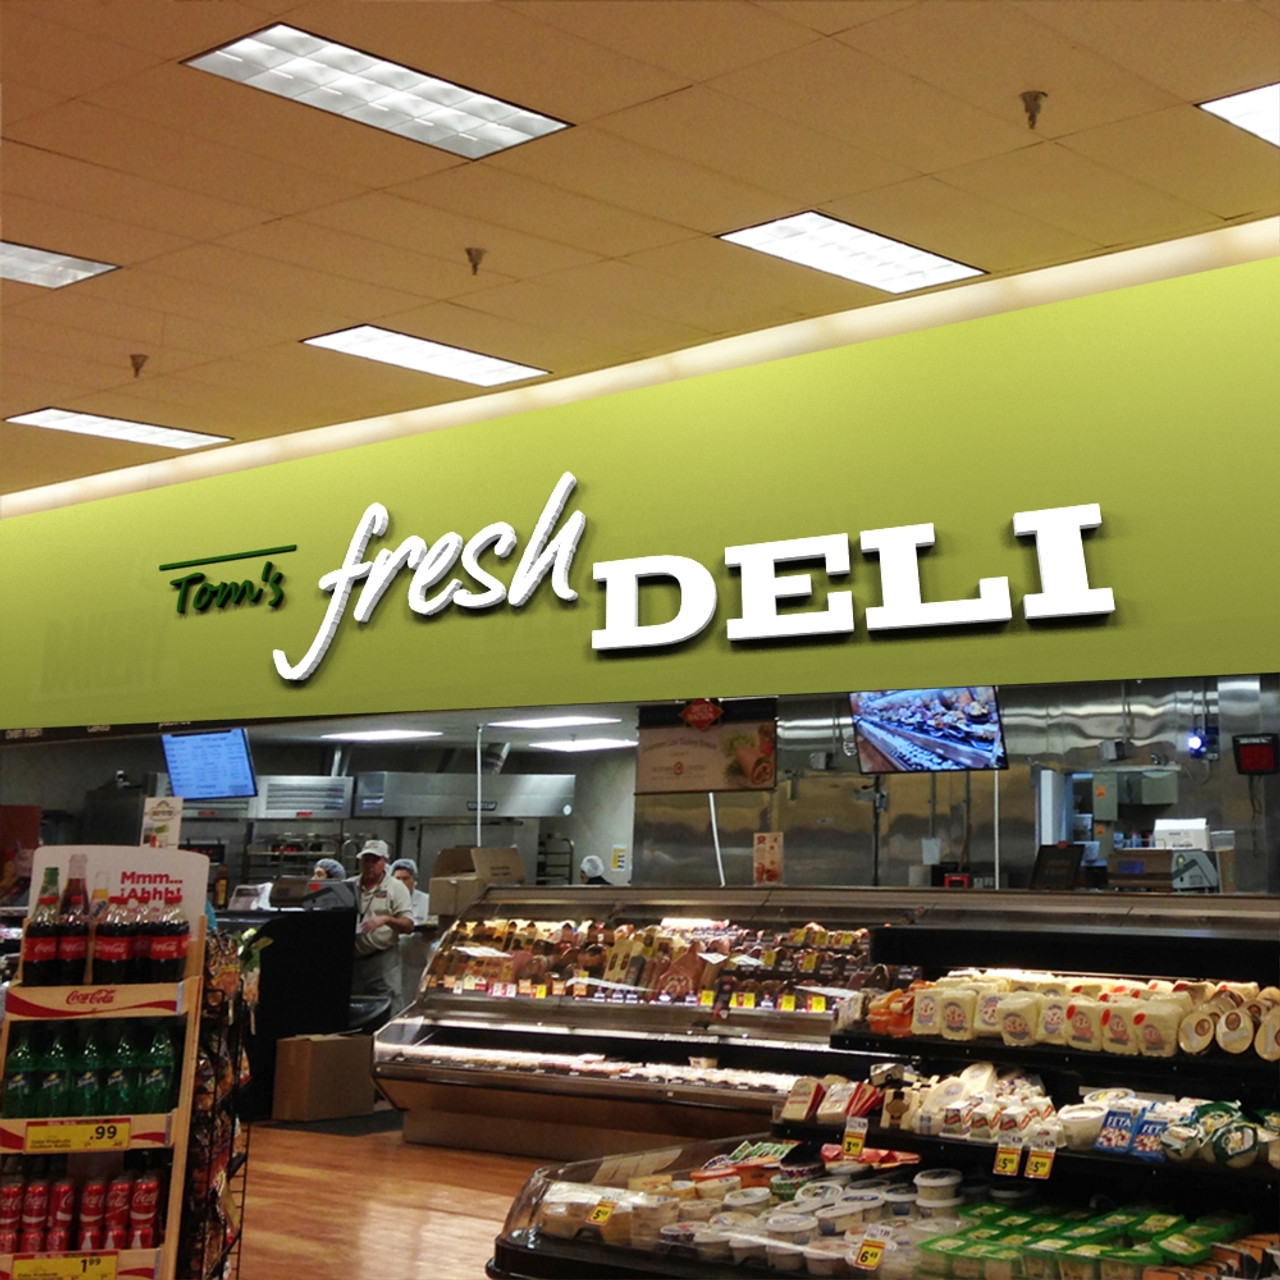 Modern Supermarket Deli Signage, 3D Letters, Free Design